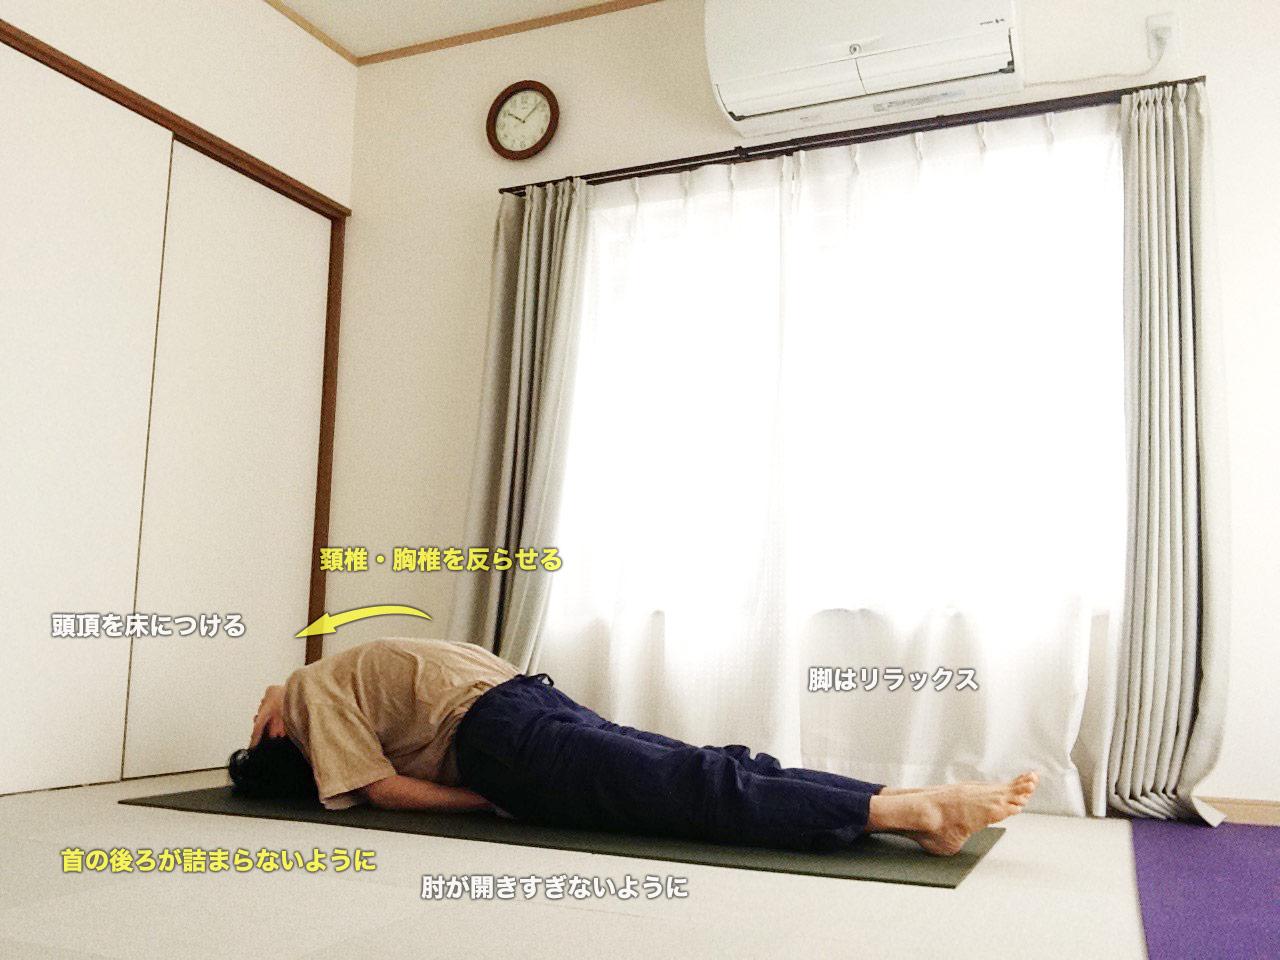 マツヤーサナ(魚のポーズ・マツヤアーサナ)〜首・胸の前を伸ばし、心を開いてストレス解消〜